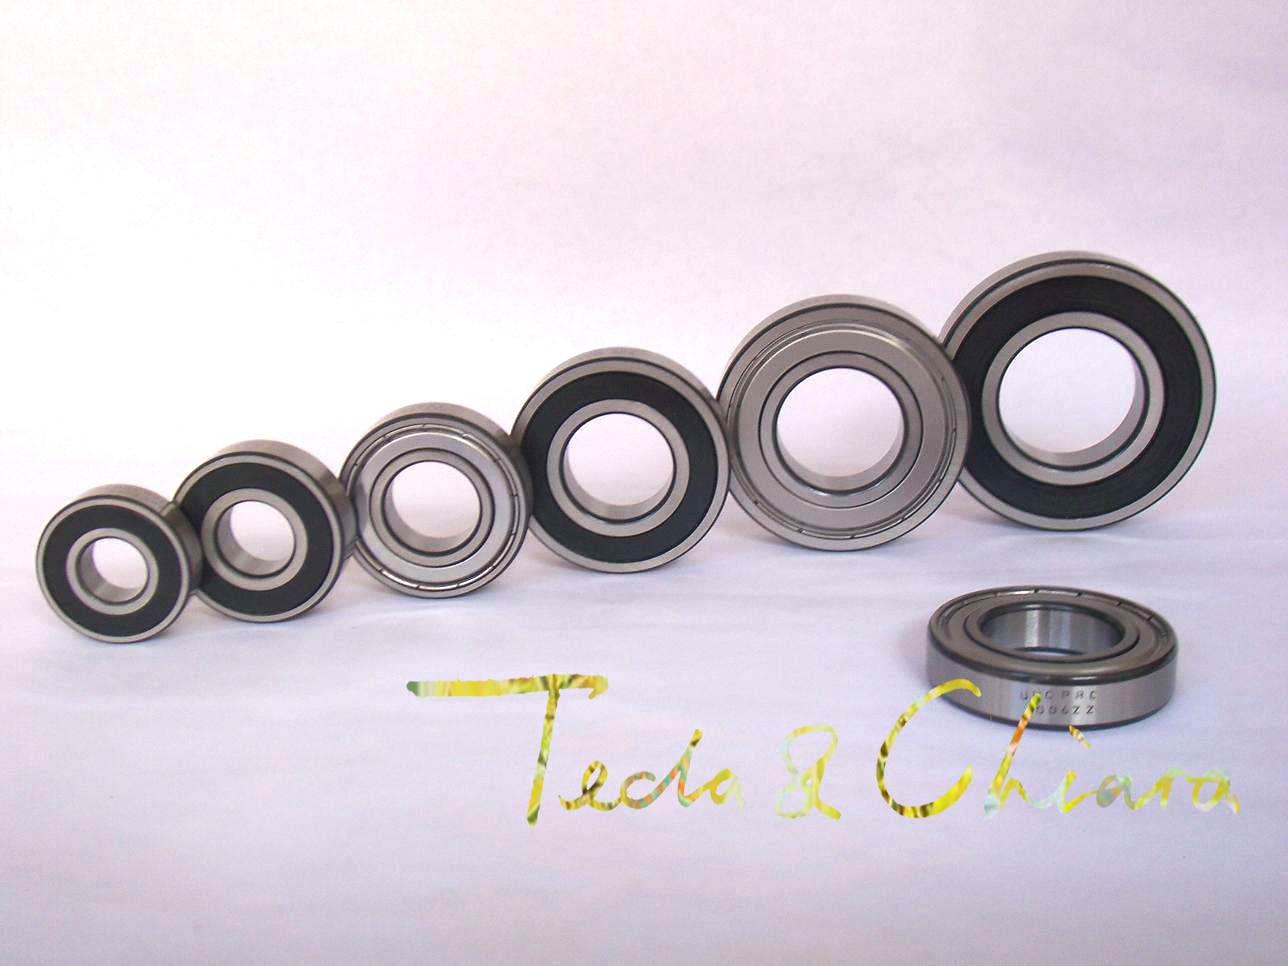 6203 6203ZZ 6203RS 6203-2Z 6203Z 6203-2RS ZZ RS RZ 2RZ Deep Groove Ball Bearings 17 x 40 x 12mm High Quality shlnzb bearing 6228 6228zz 6228rs 6228 2z 6228z 6228 2rs zz rs rz 2rz n rzn zn deep groove ball bearings 140 250 42mm